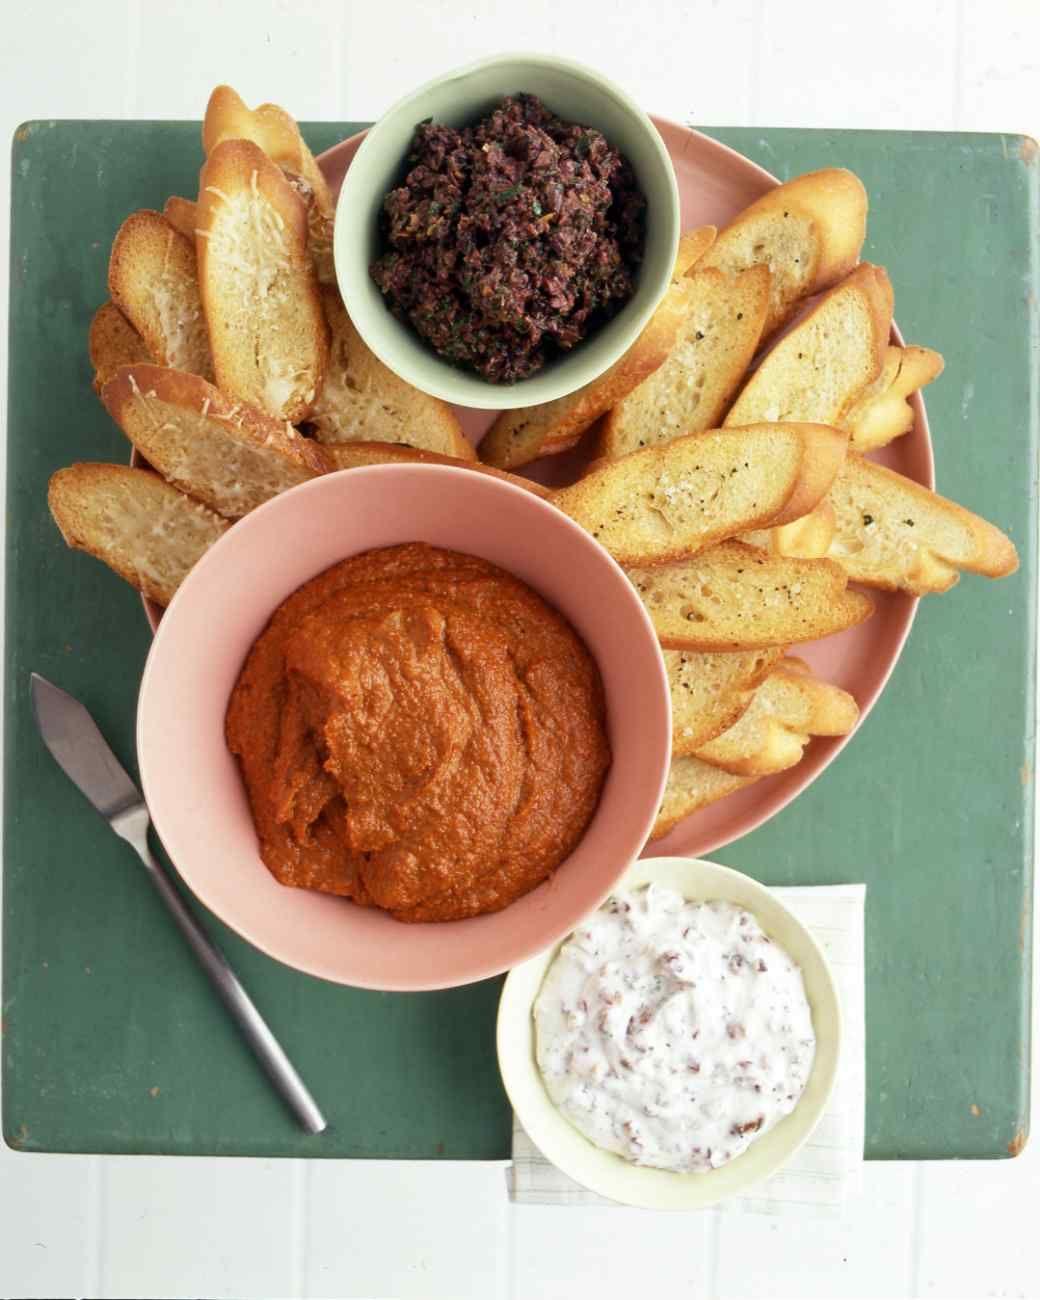 dip casero con tomates aceitunas y almendras, originales propuestas de canapes sencillos para hacer en casa